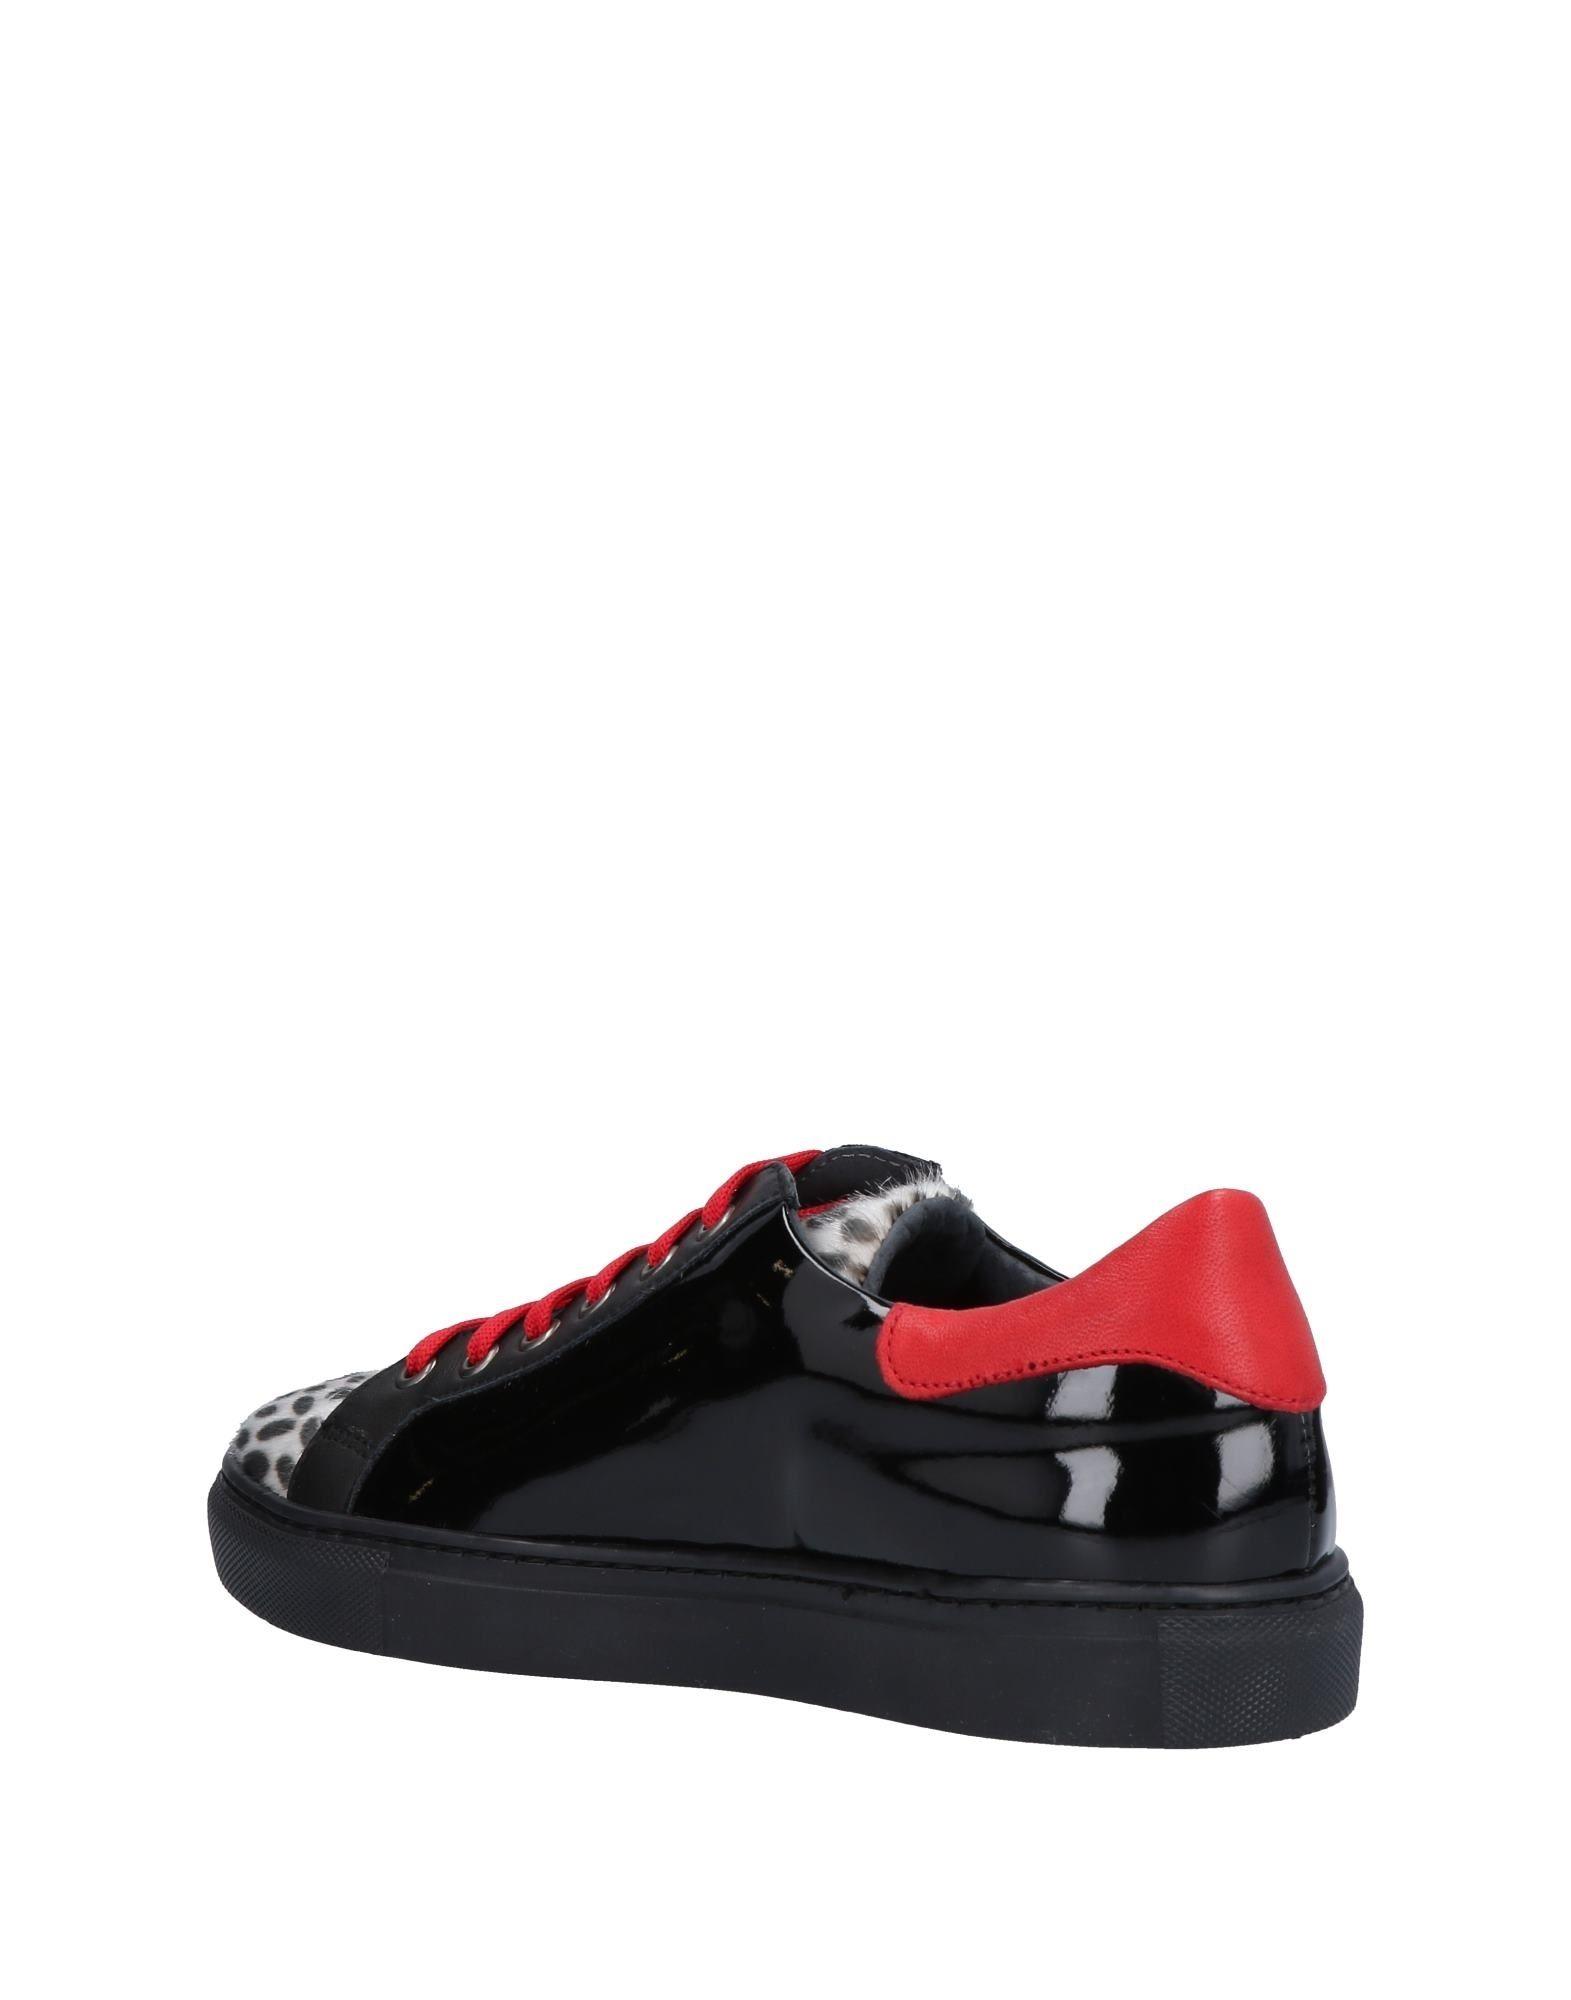 Piampiani Turnschuhes beliebte Damen 11491346XN Gute Qualität beliebte Turnschuhes Schuhe 3c74c3